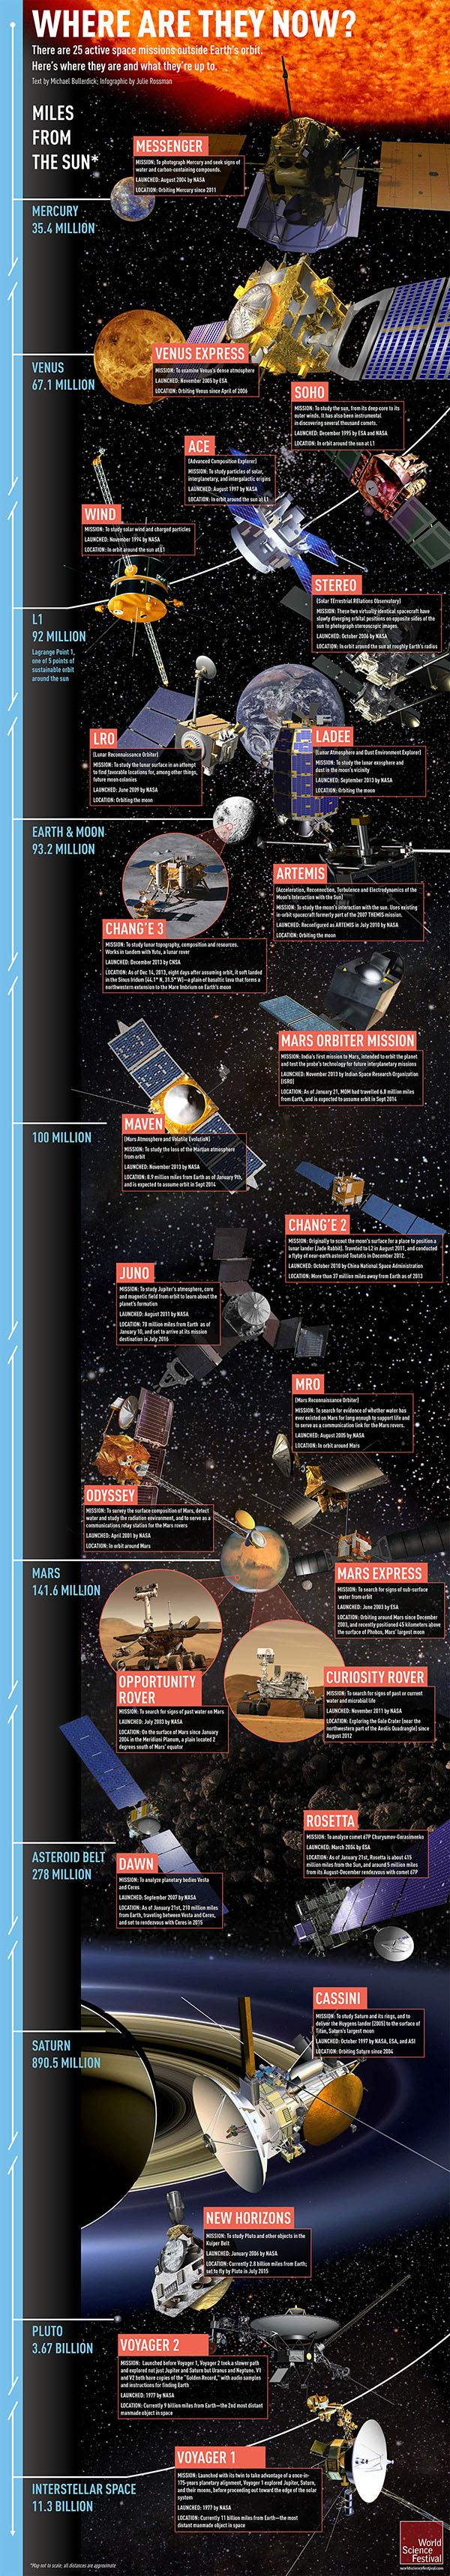 Le 25 missioni spaziali attive in un'infografica